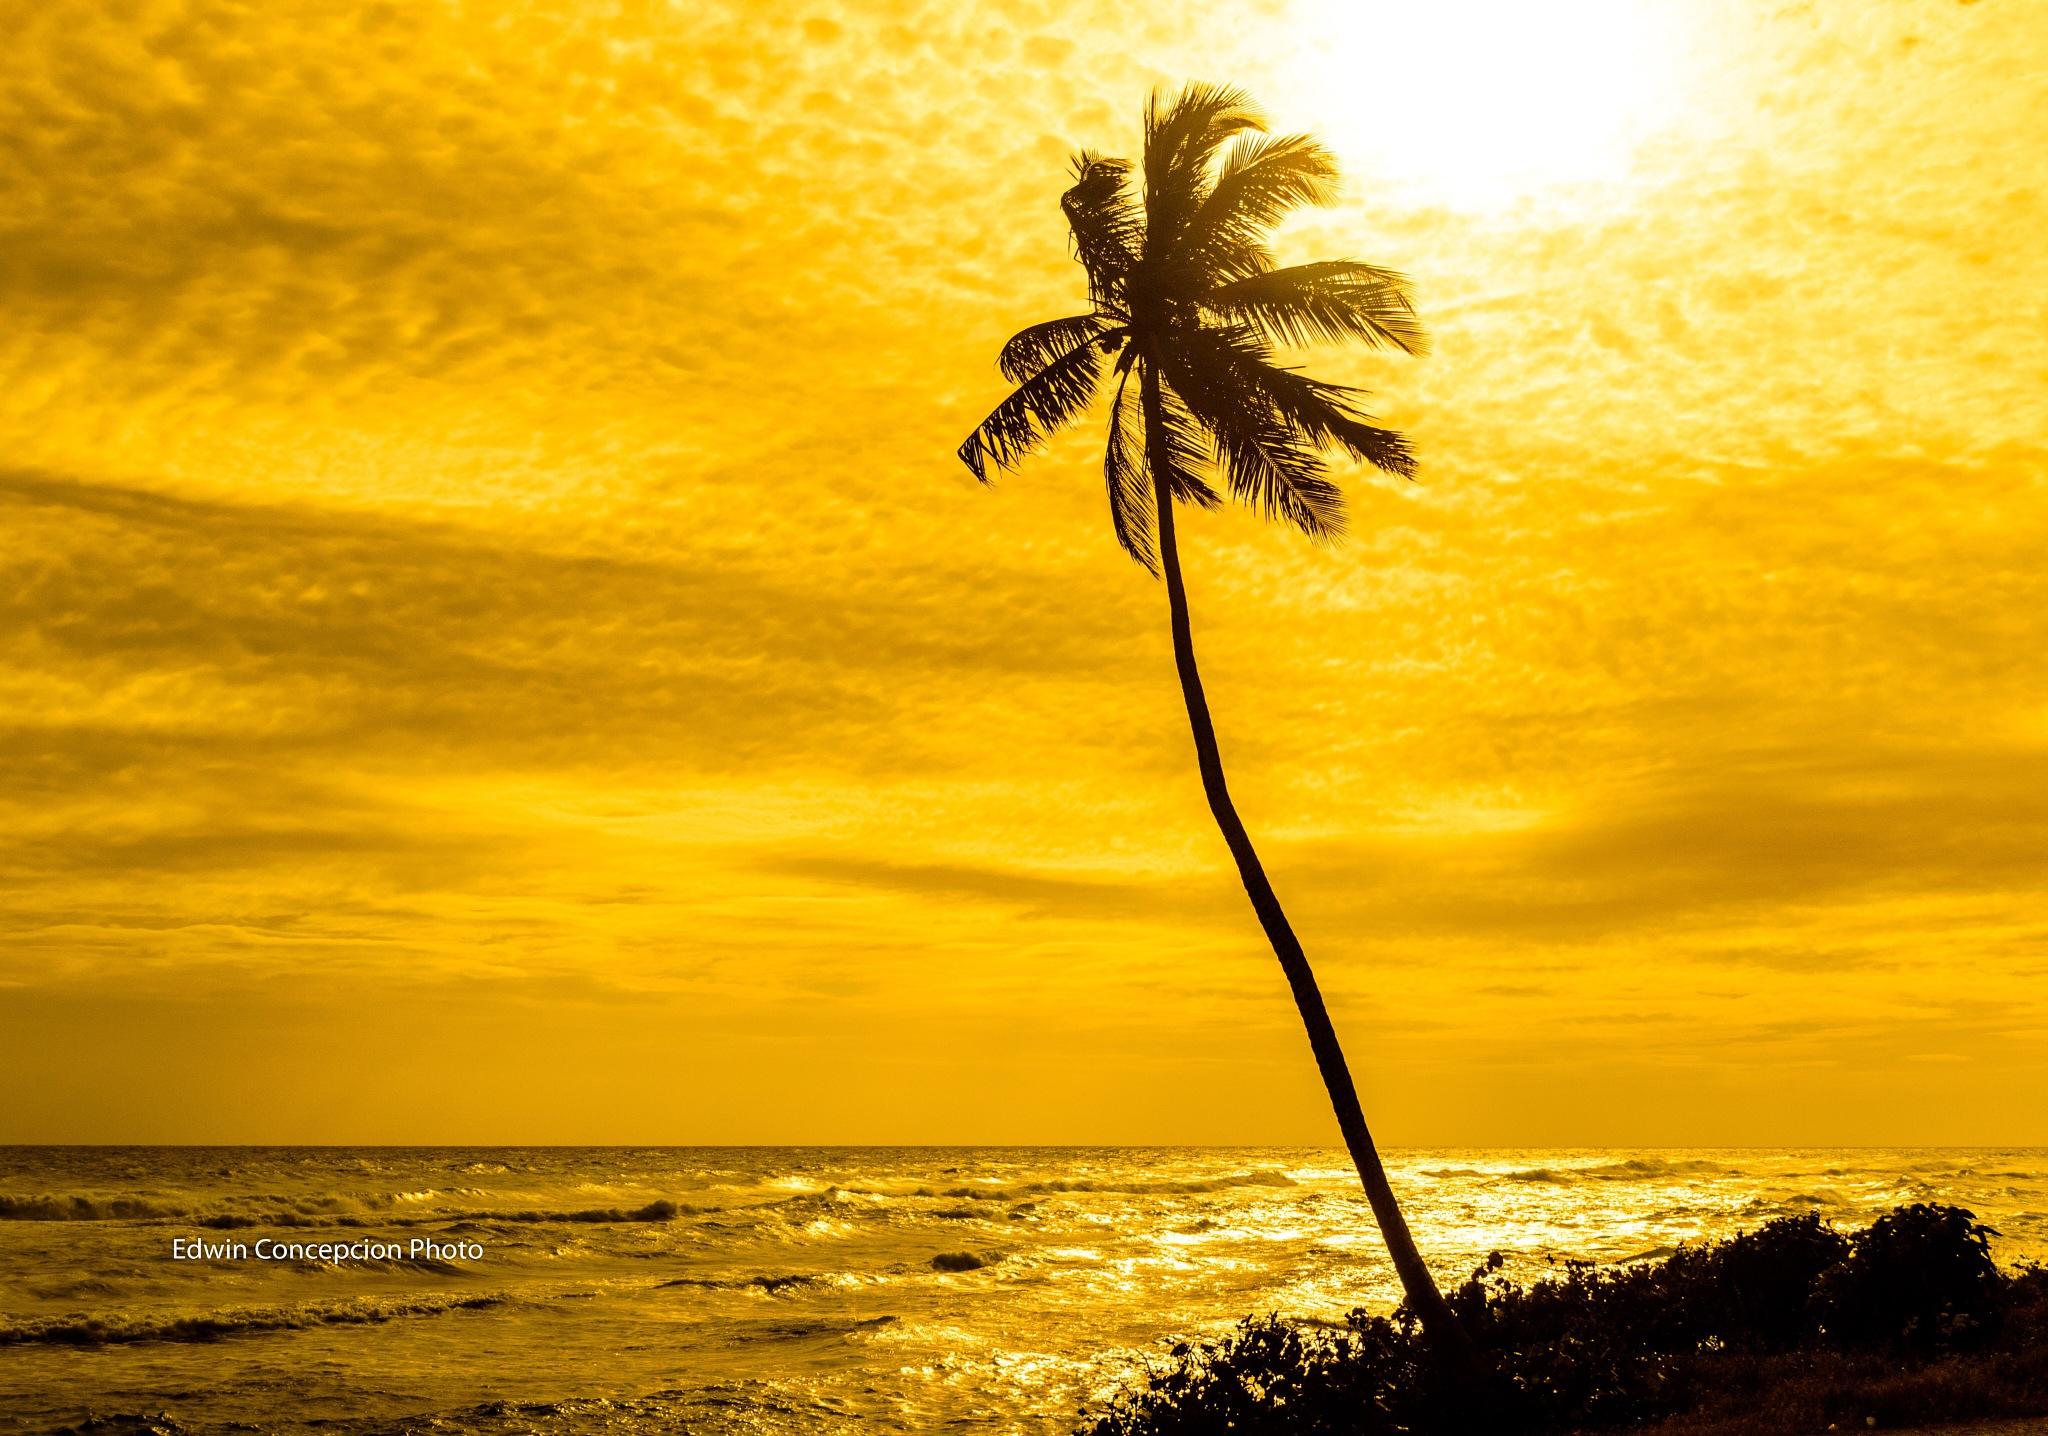 The Caribbean awaits by Edwin Concepción